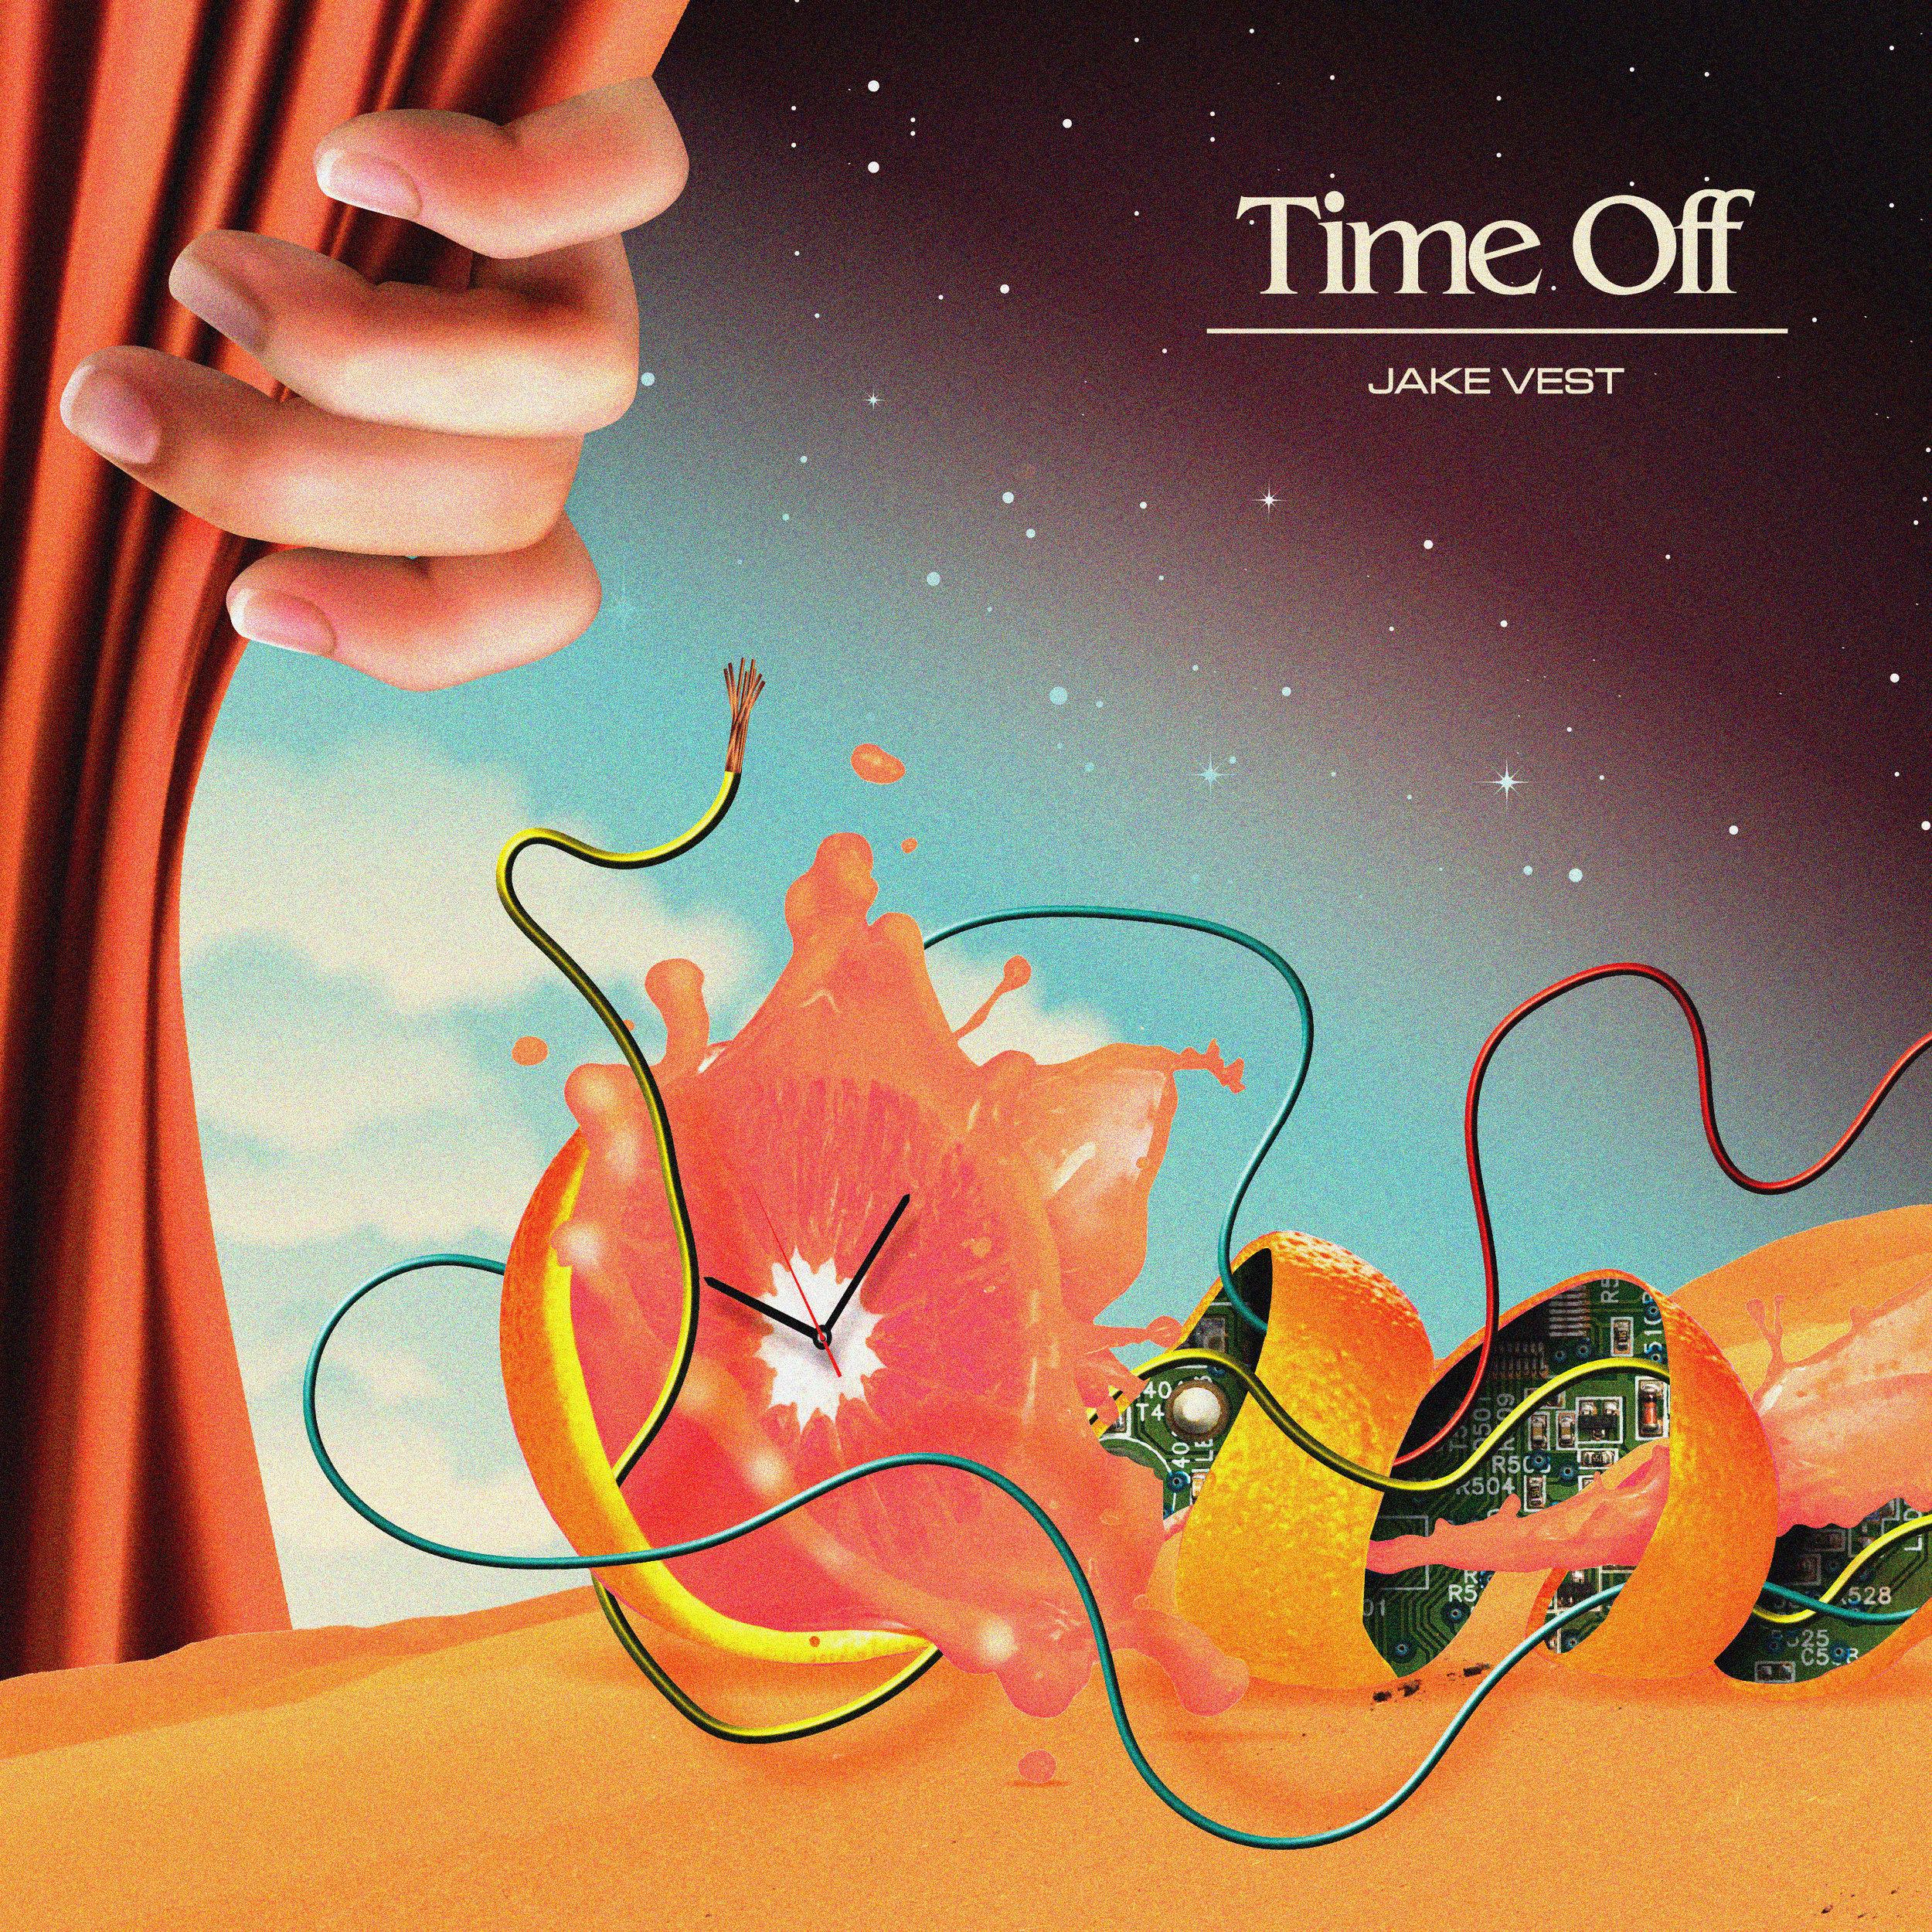 Time Off EP - Jake Vest